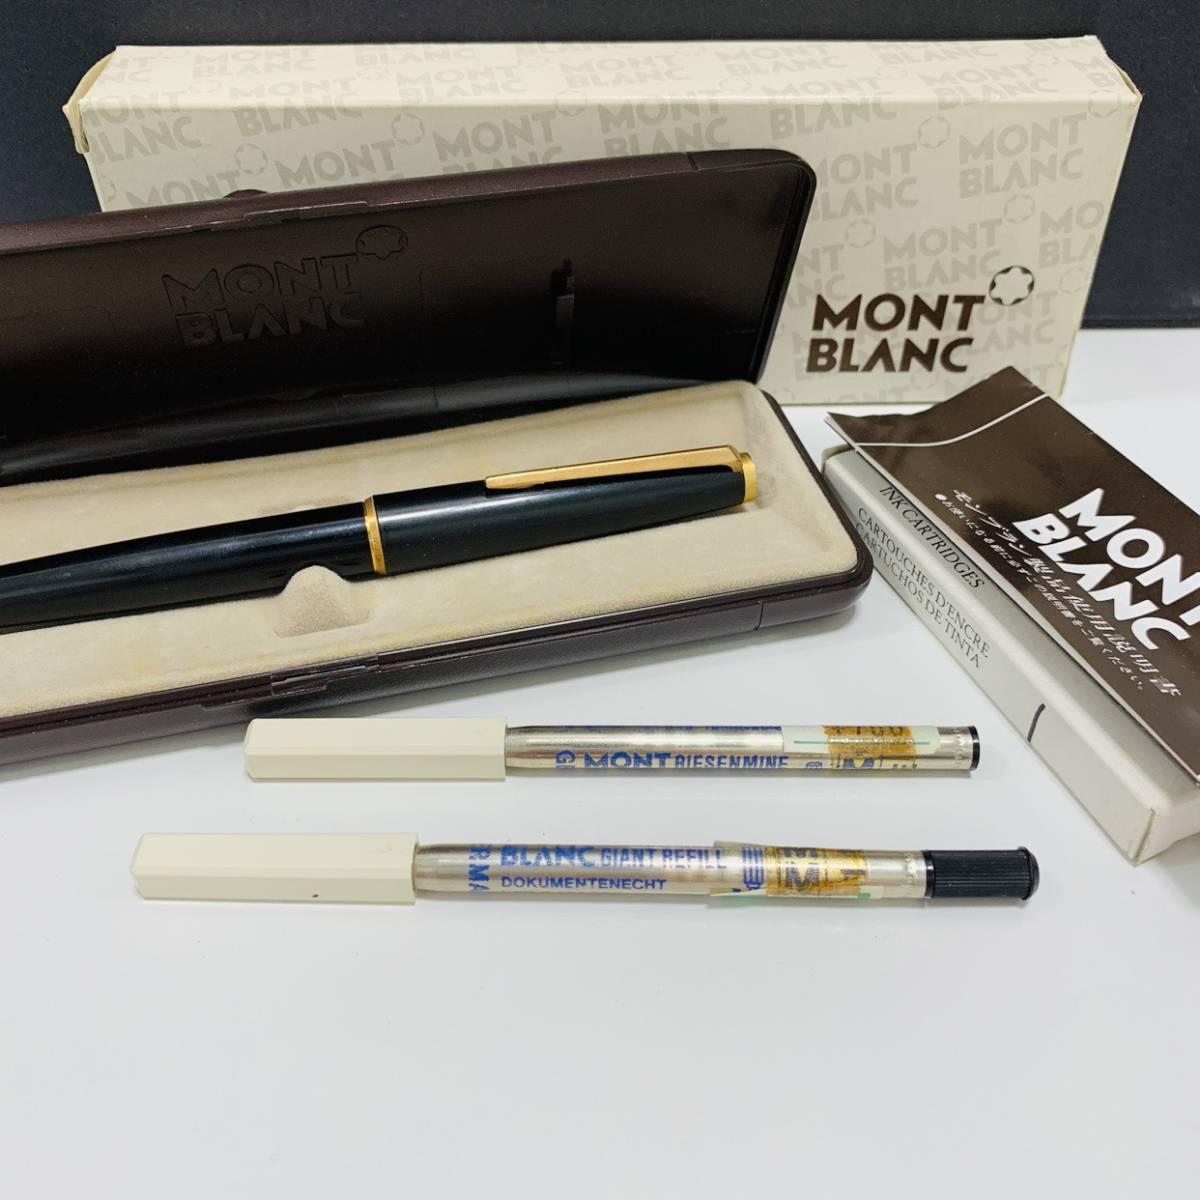 【3411】 高級 MONTBLANC モンブラン 万年筆 インクカートリッジ付き ジャイアントリフィール ボールペン用替芯付き